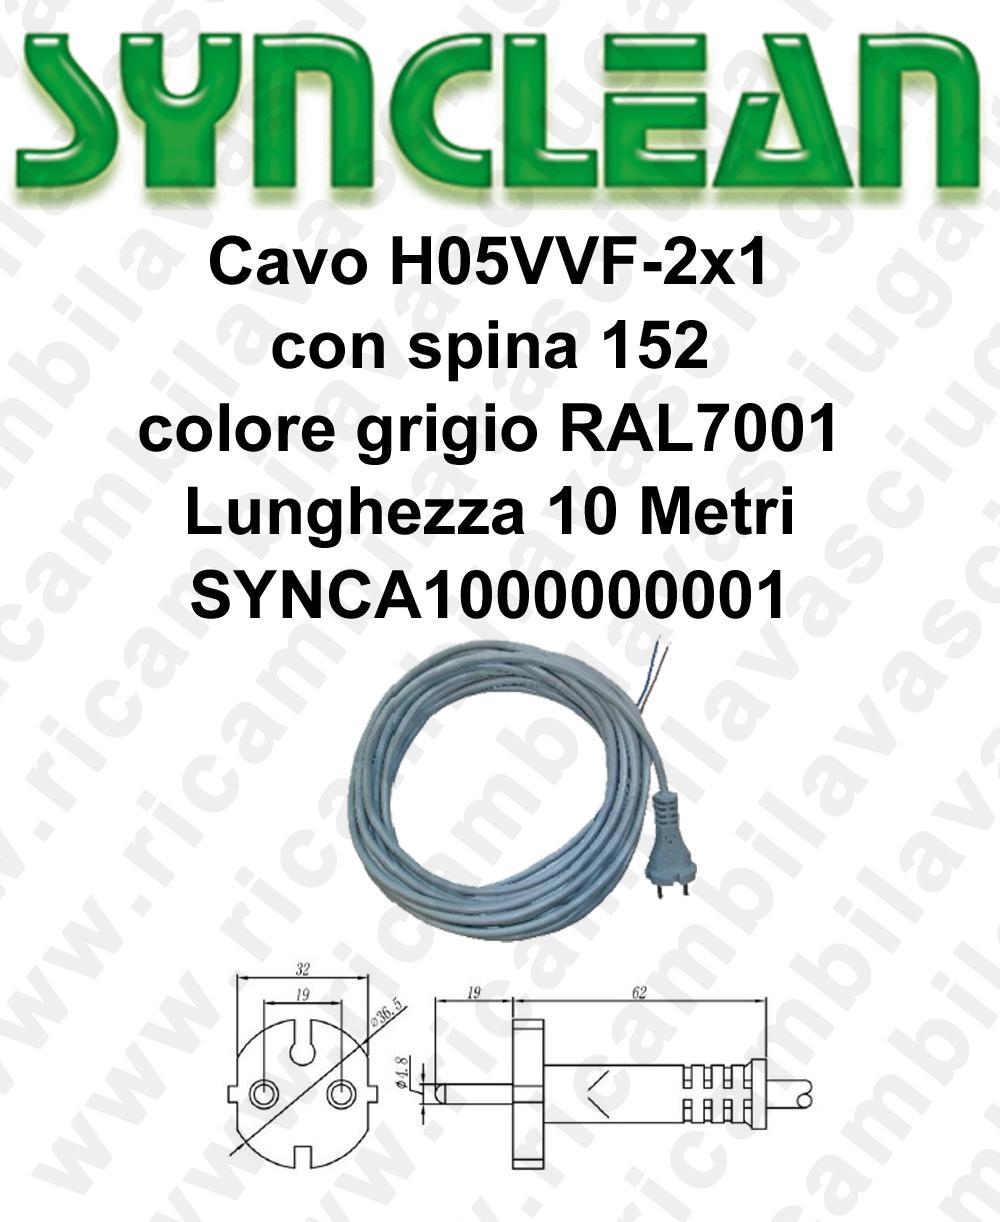 CABLE H05VVF 2 x 1 avec prise 152 gris longueur 10 metres pour aspirateur